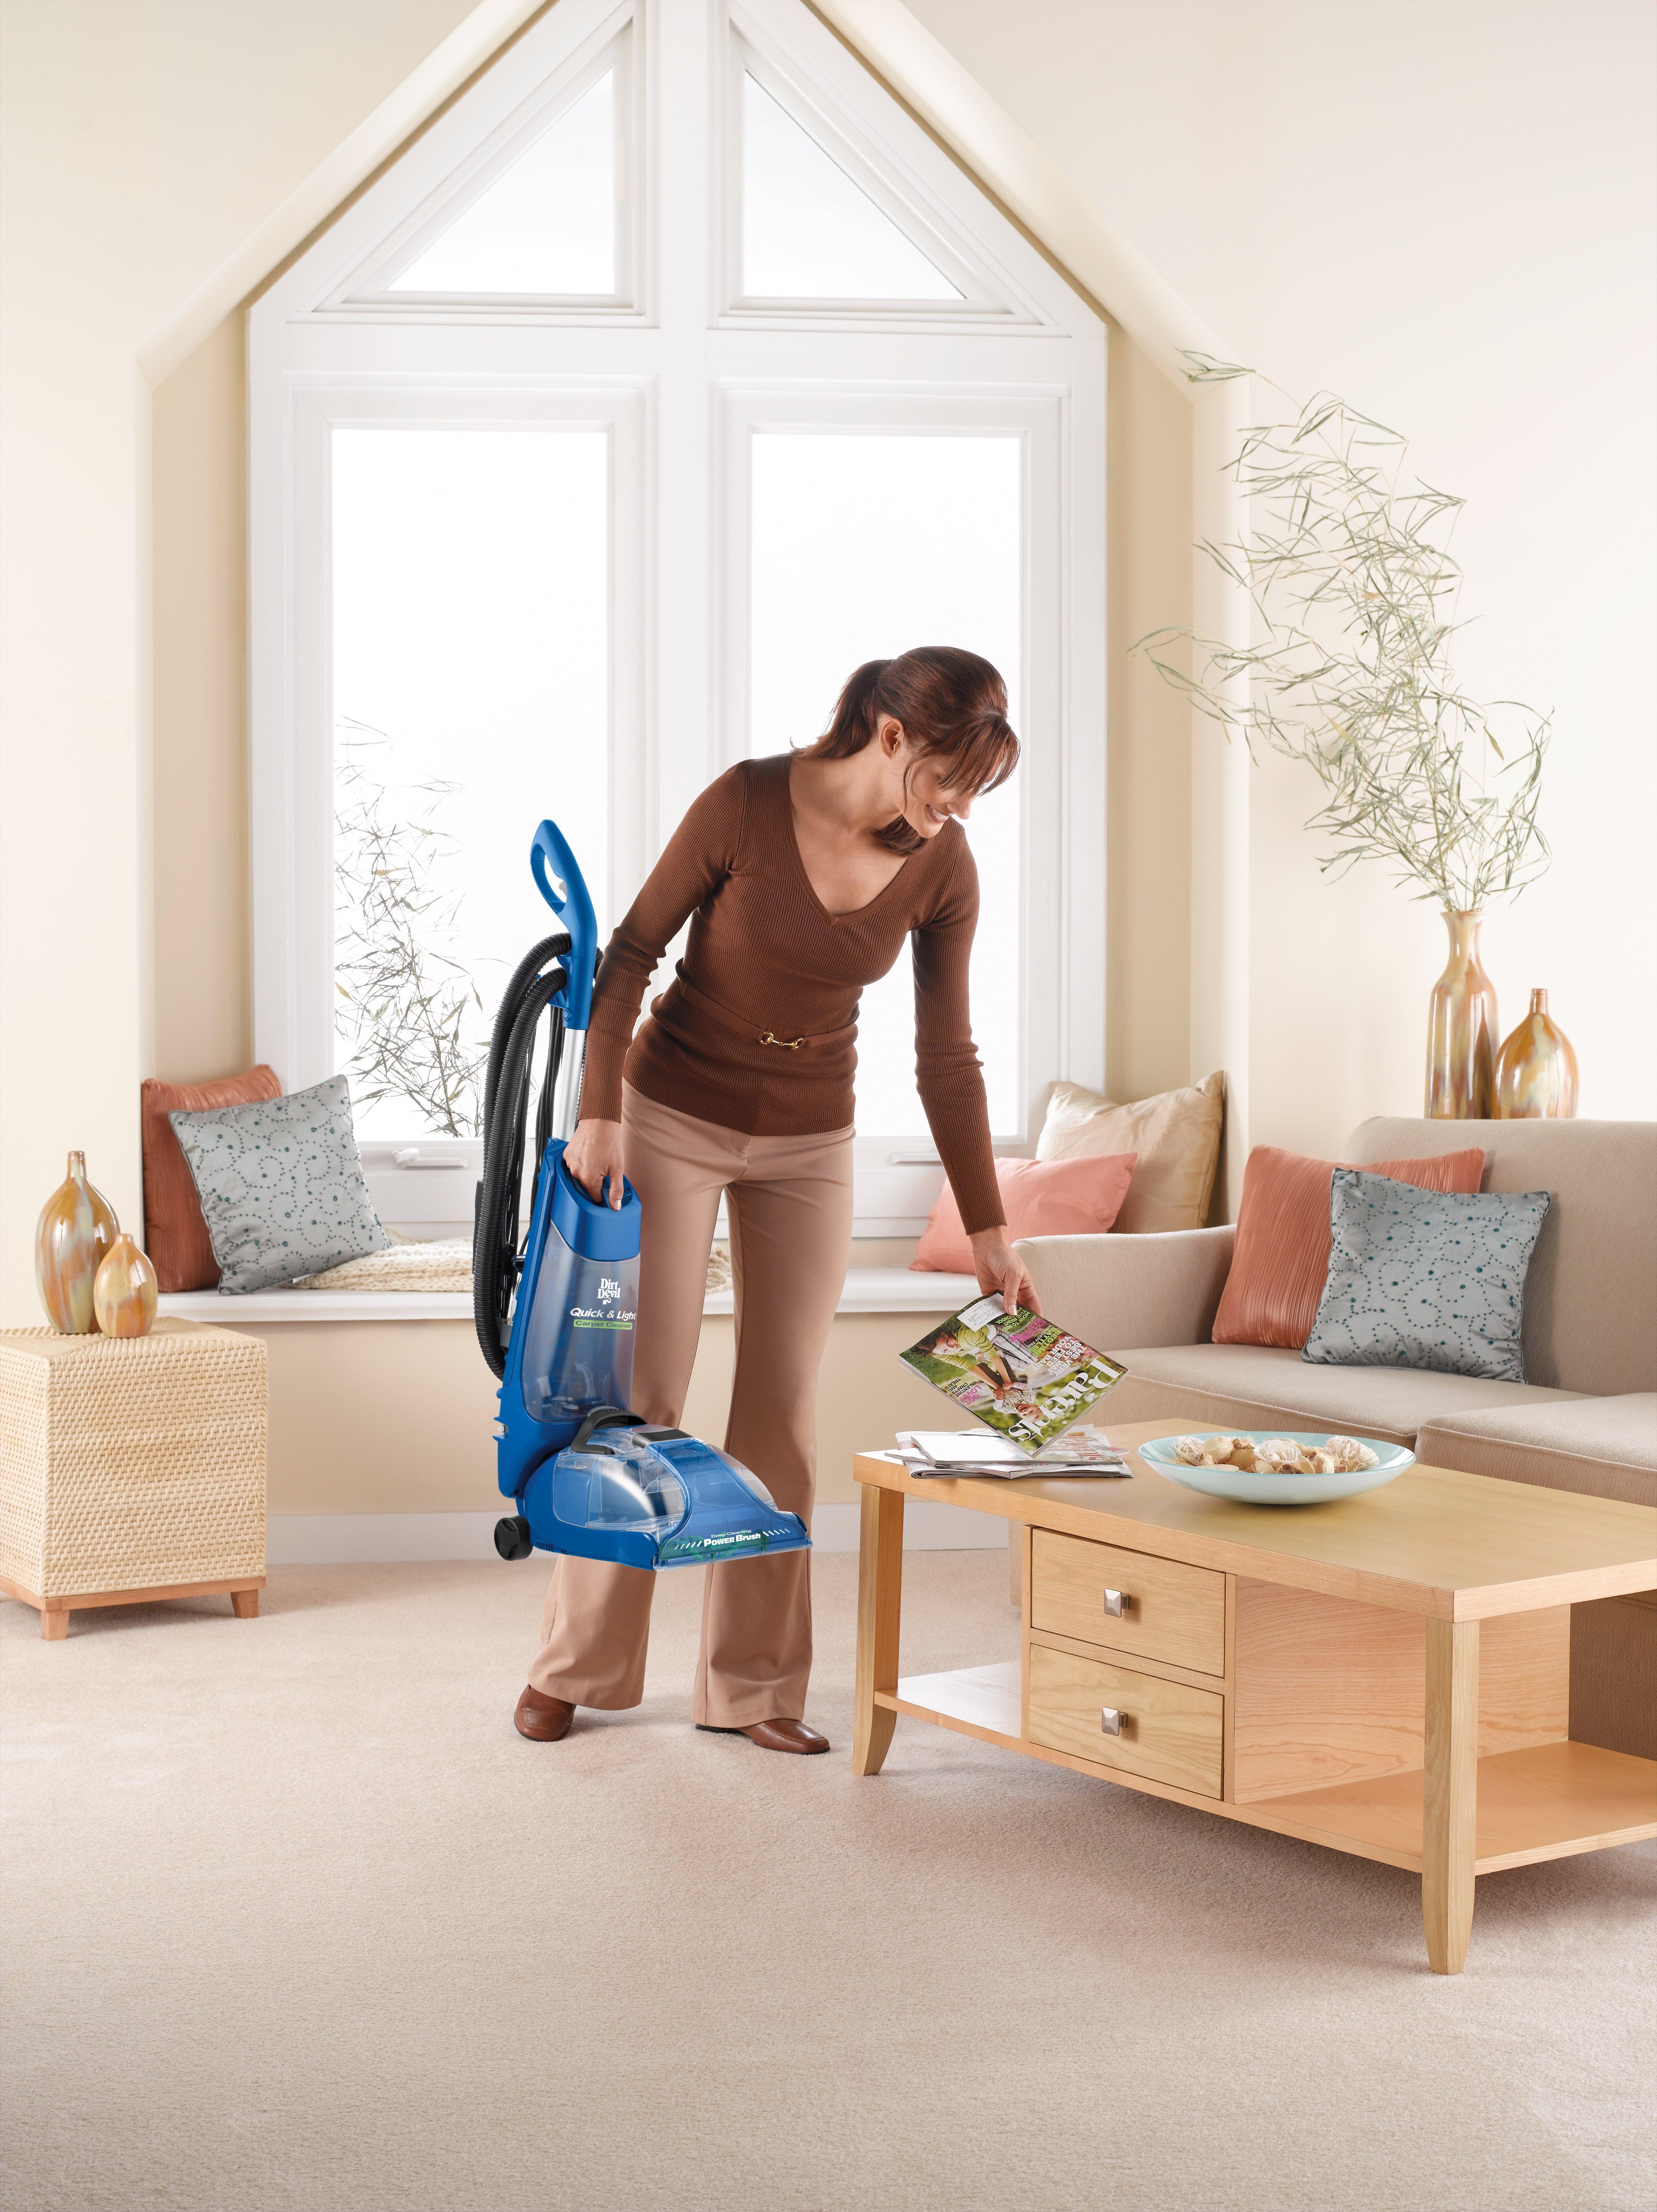 Quick & Light Carpet Cleaner4